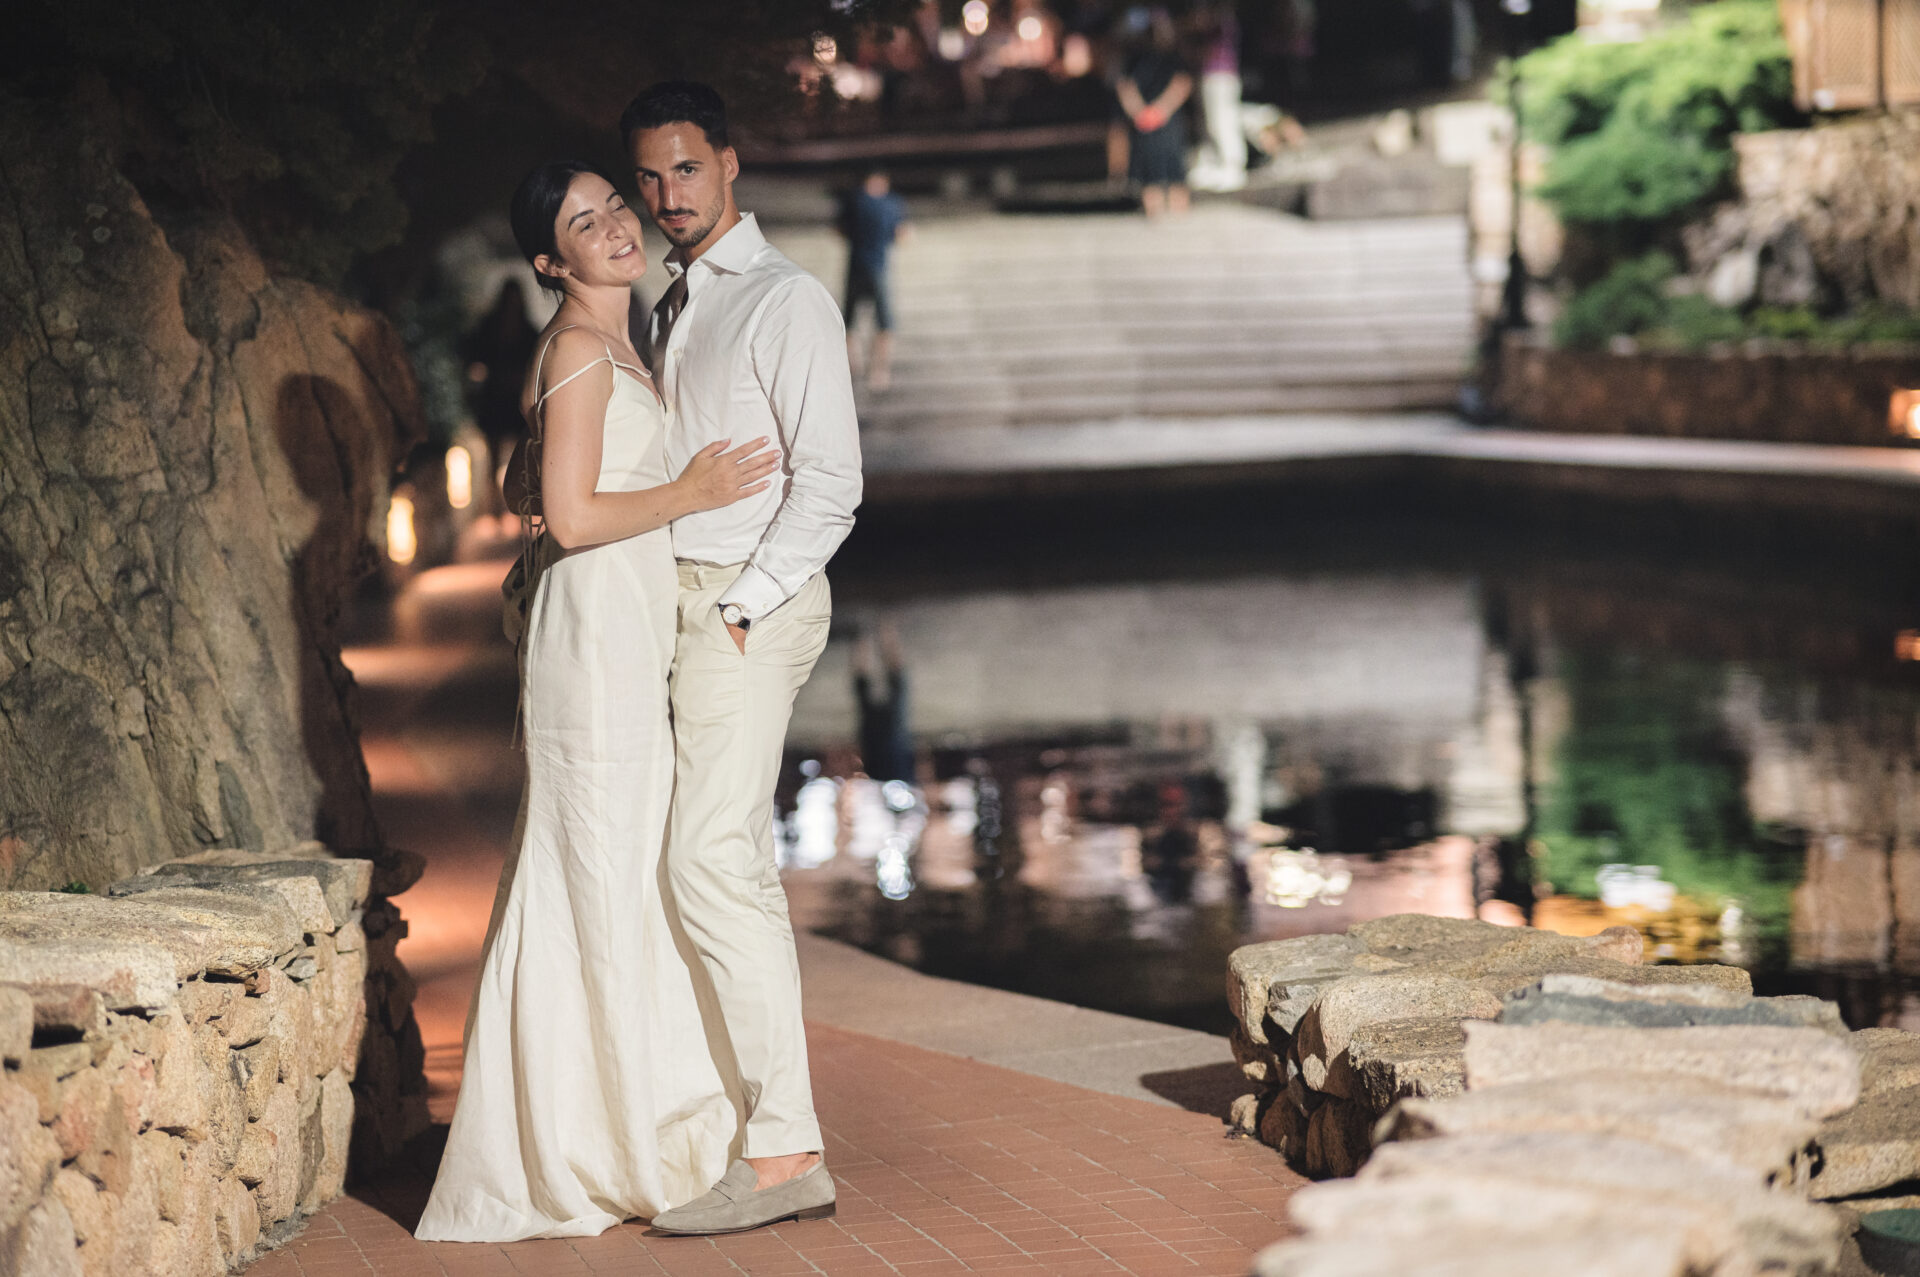 DSC7383 - Matrimonio in Sardegna